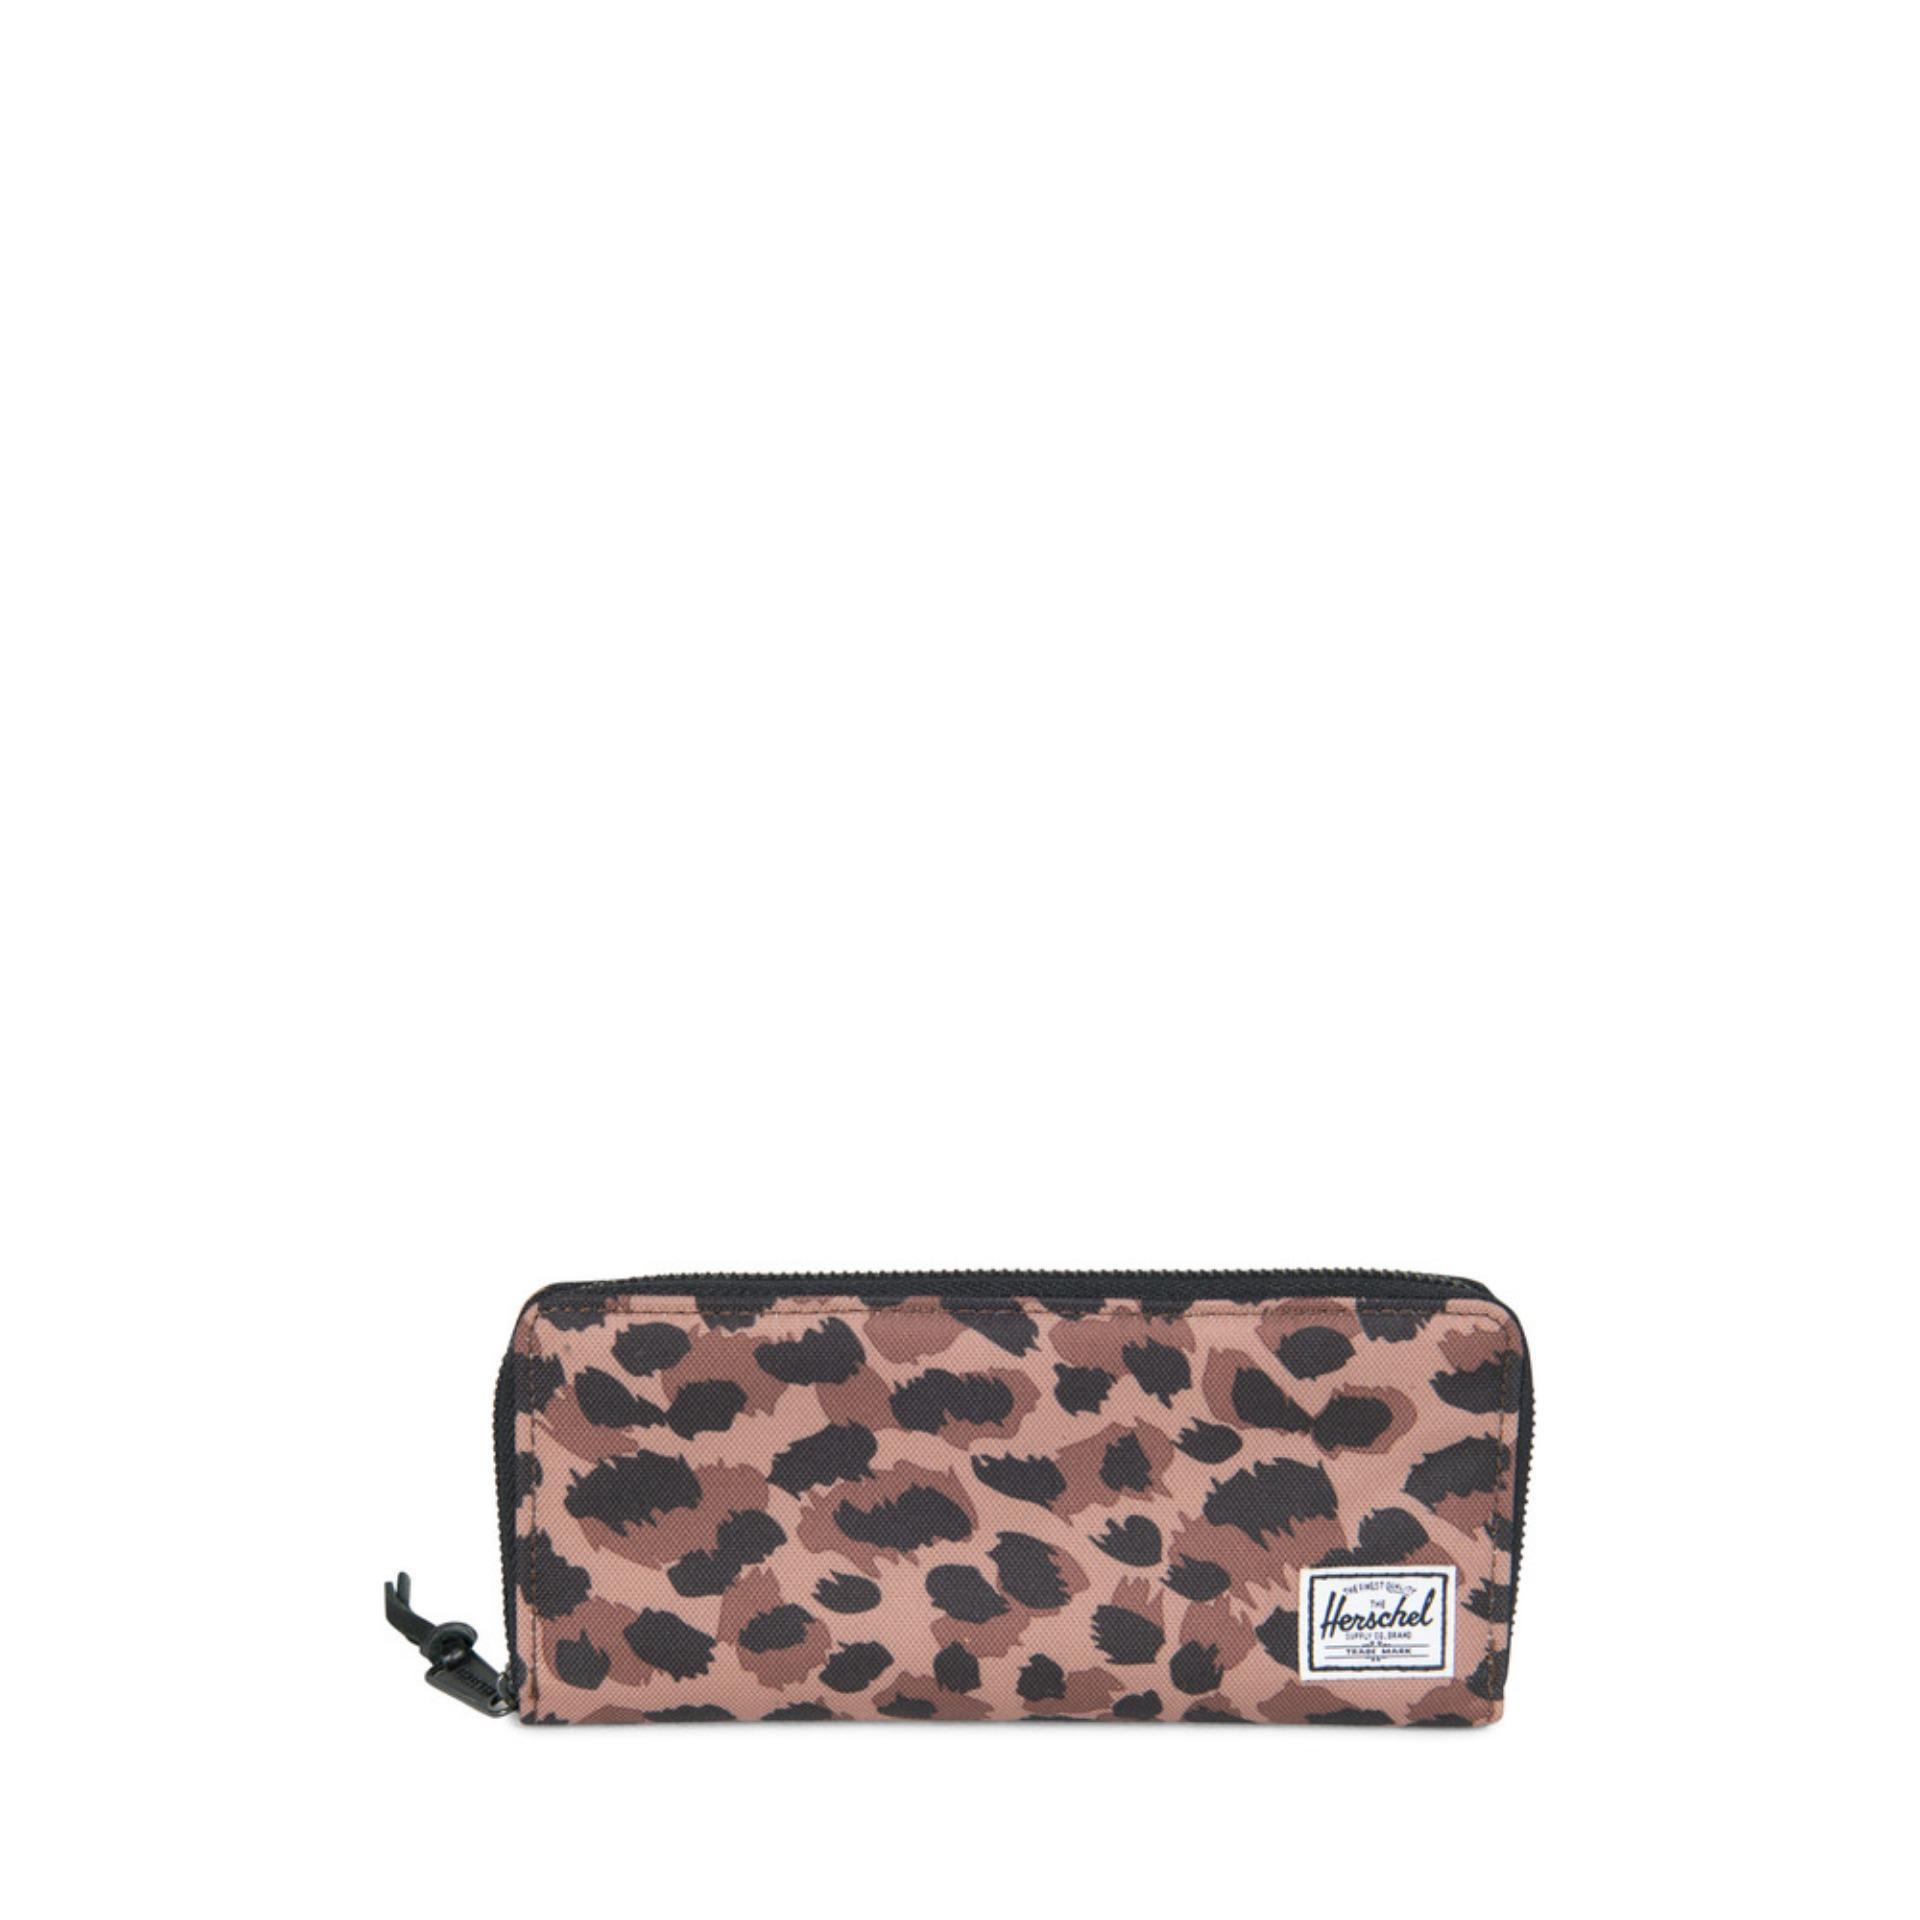 Herschel Avenue - Leopard